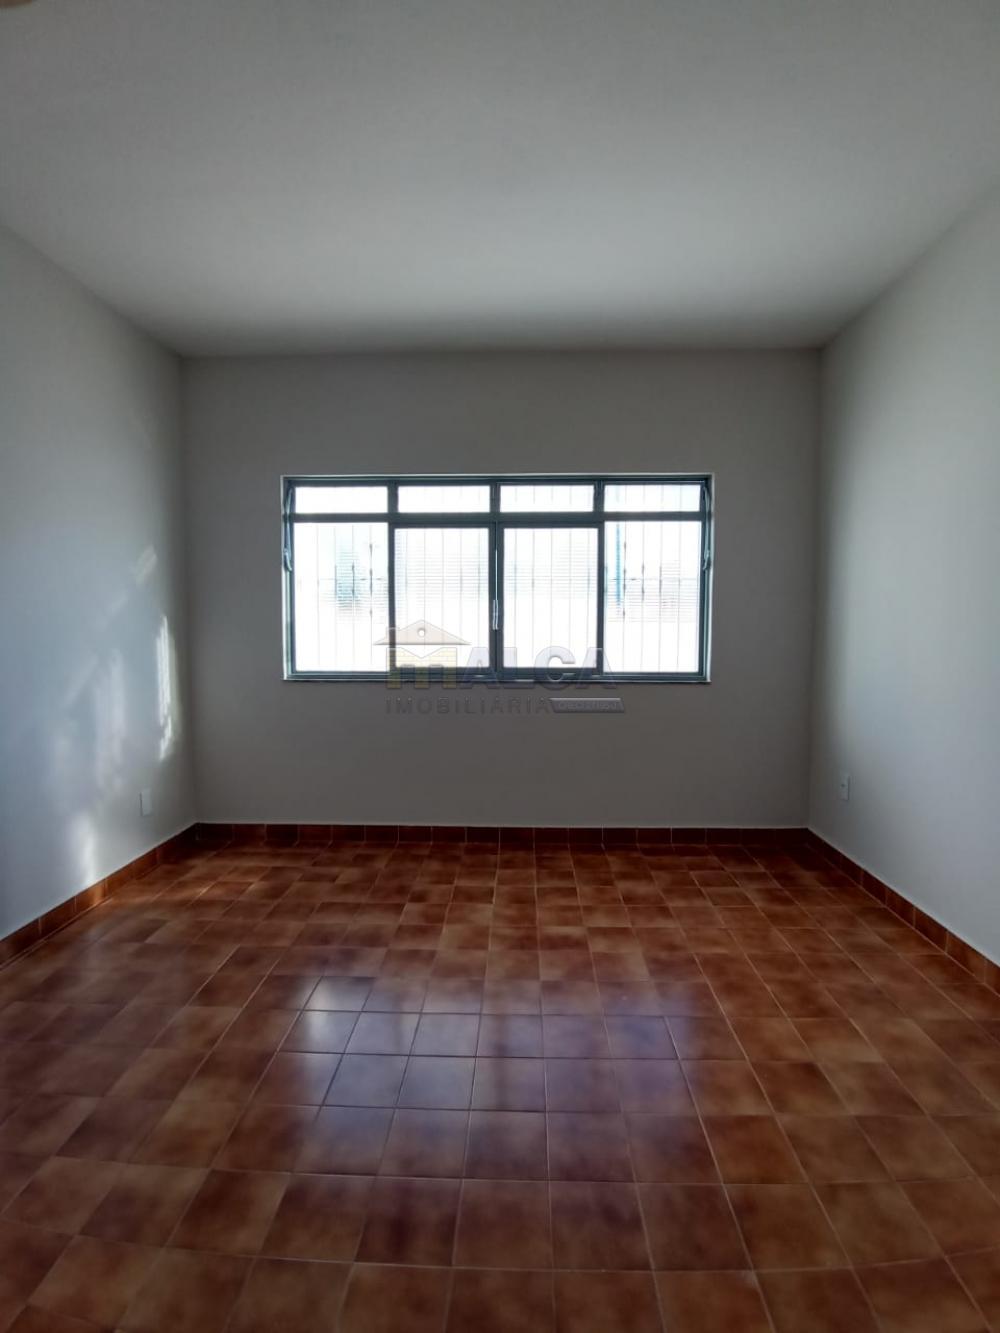 Alugar Casas / Padrão em São José do Rio Pardo apenas R$ 2.500,00 - Foto 20